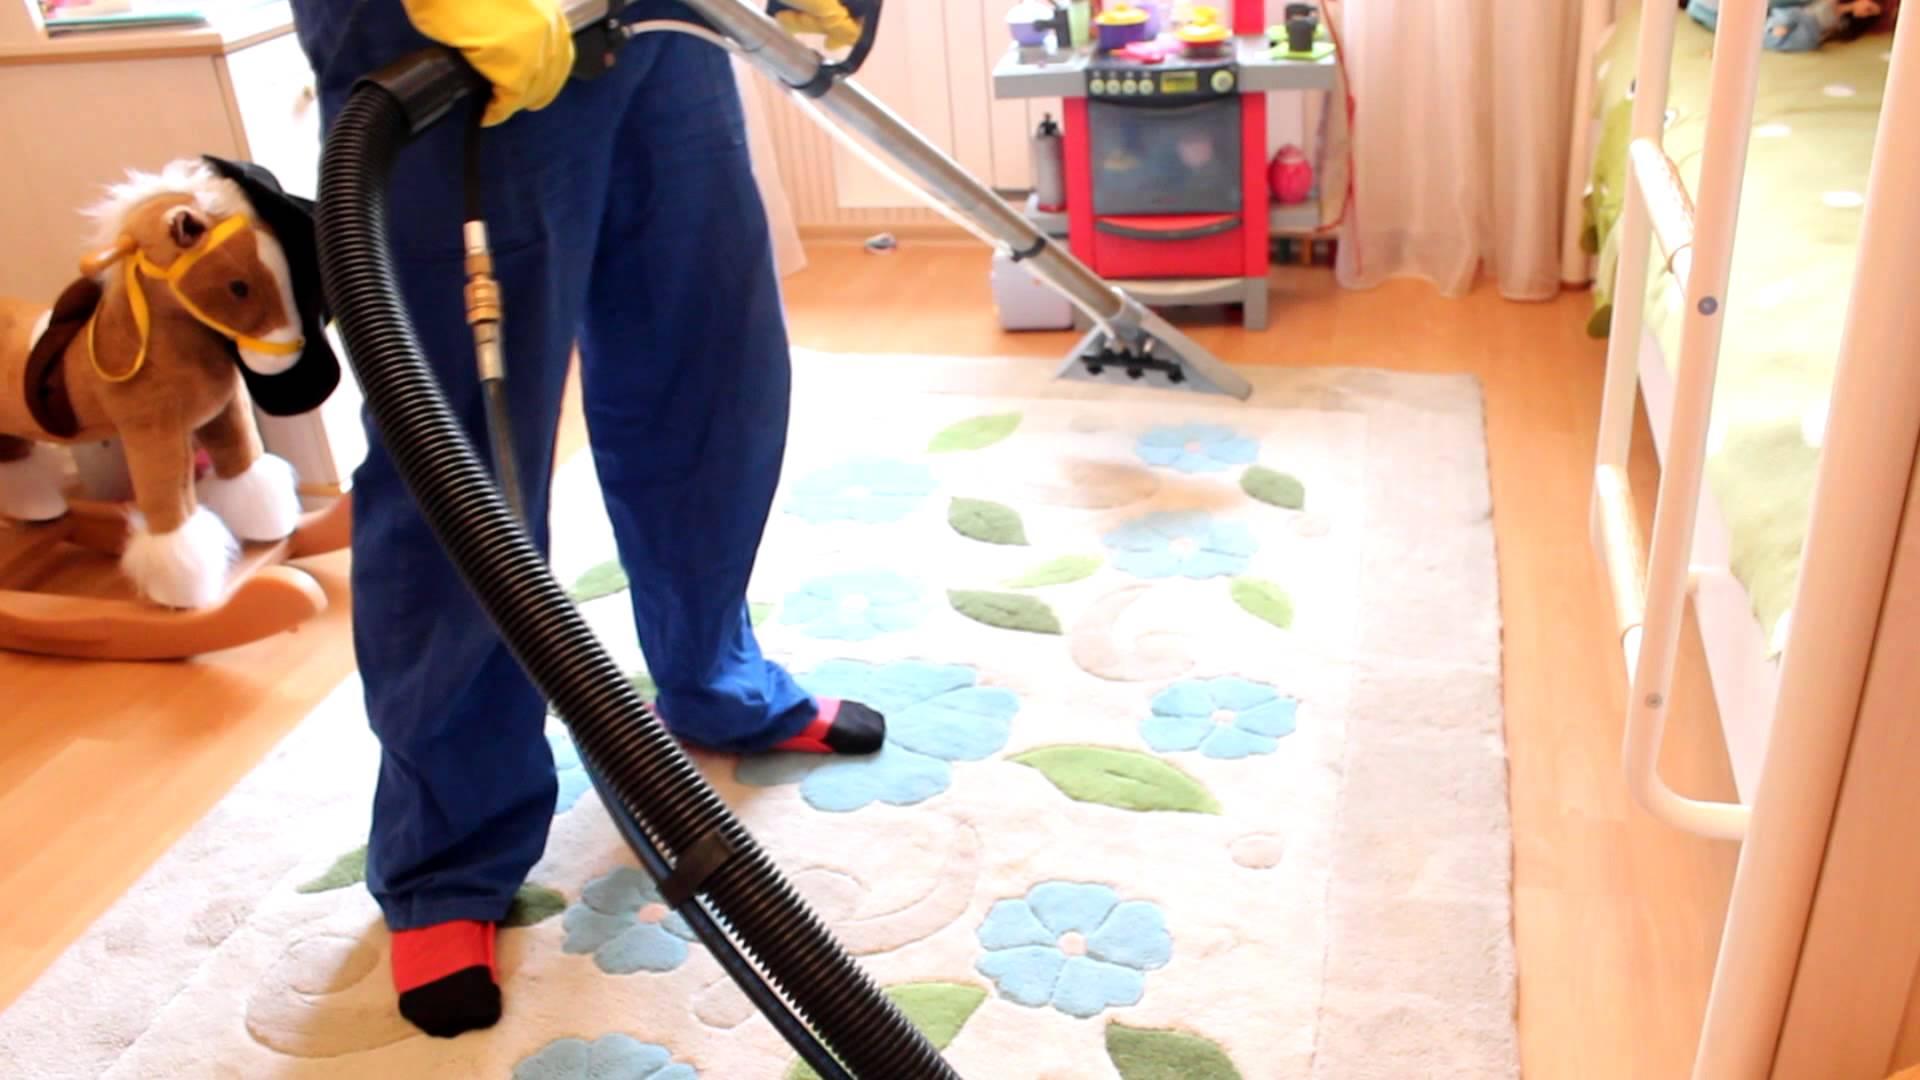 Желательно проводить влажную чистку ковровых покрытий в сухую и жаркую погоду